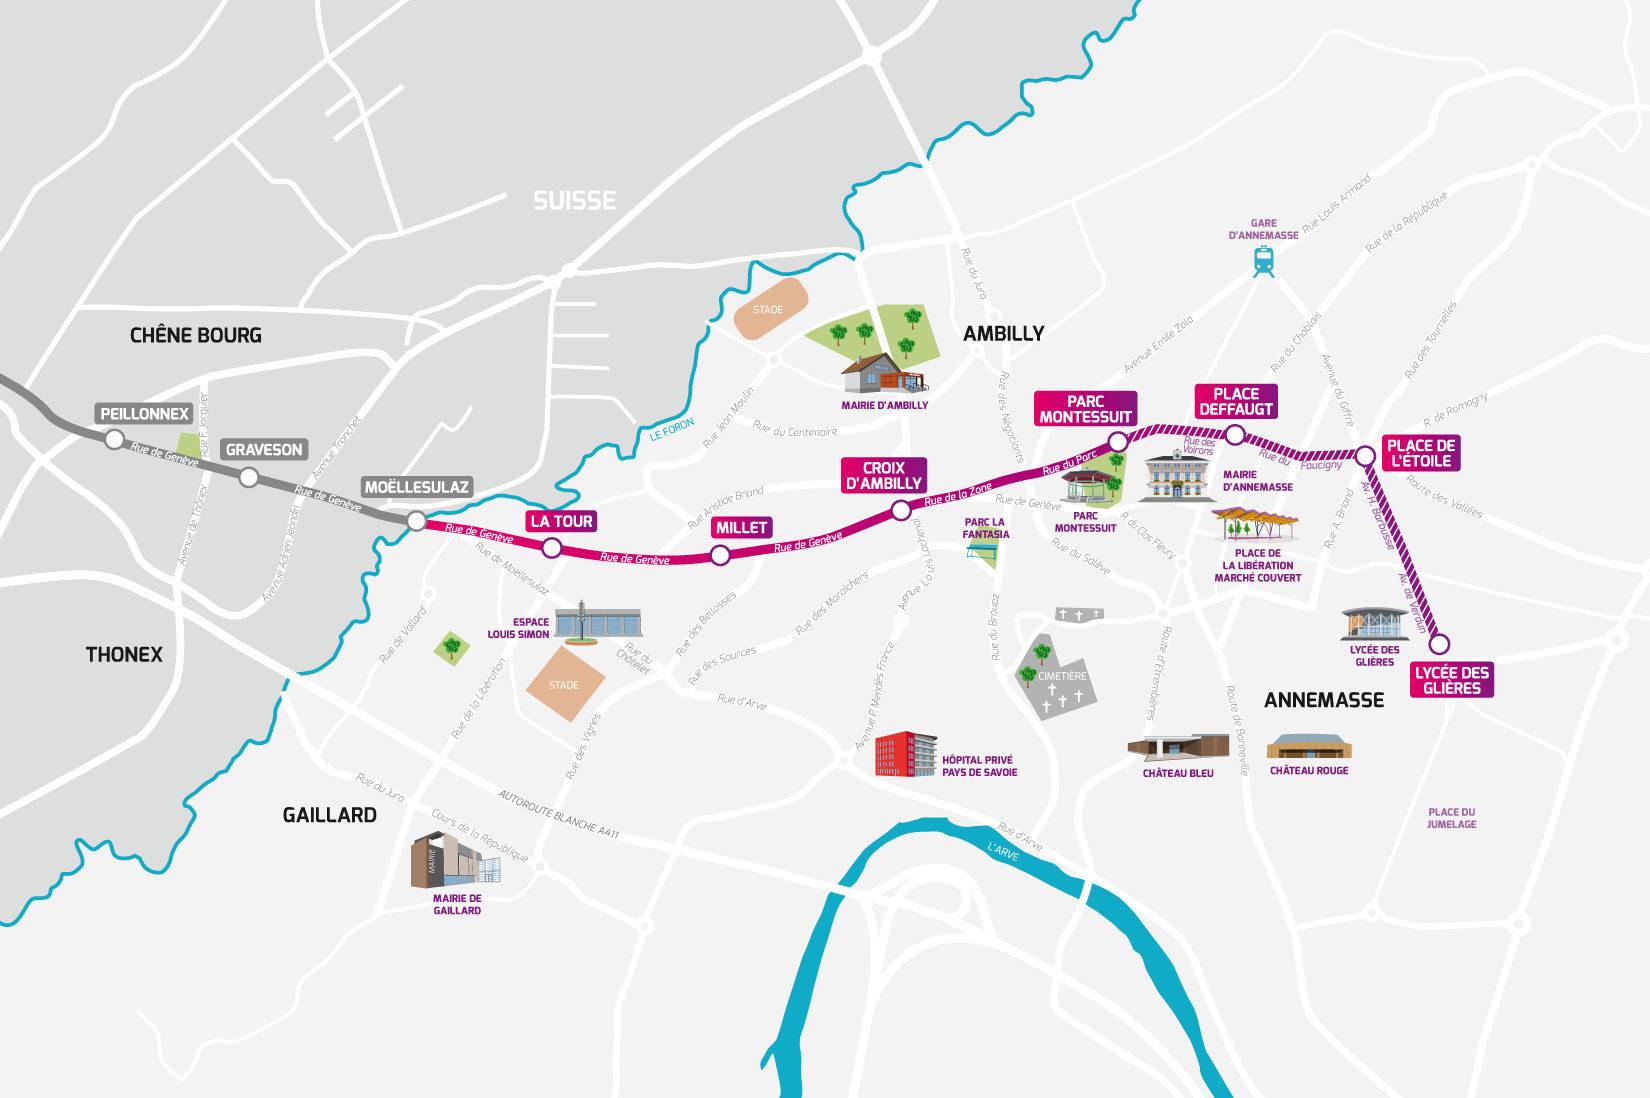 Le tracé du Tram Annemasse - Genève